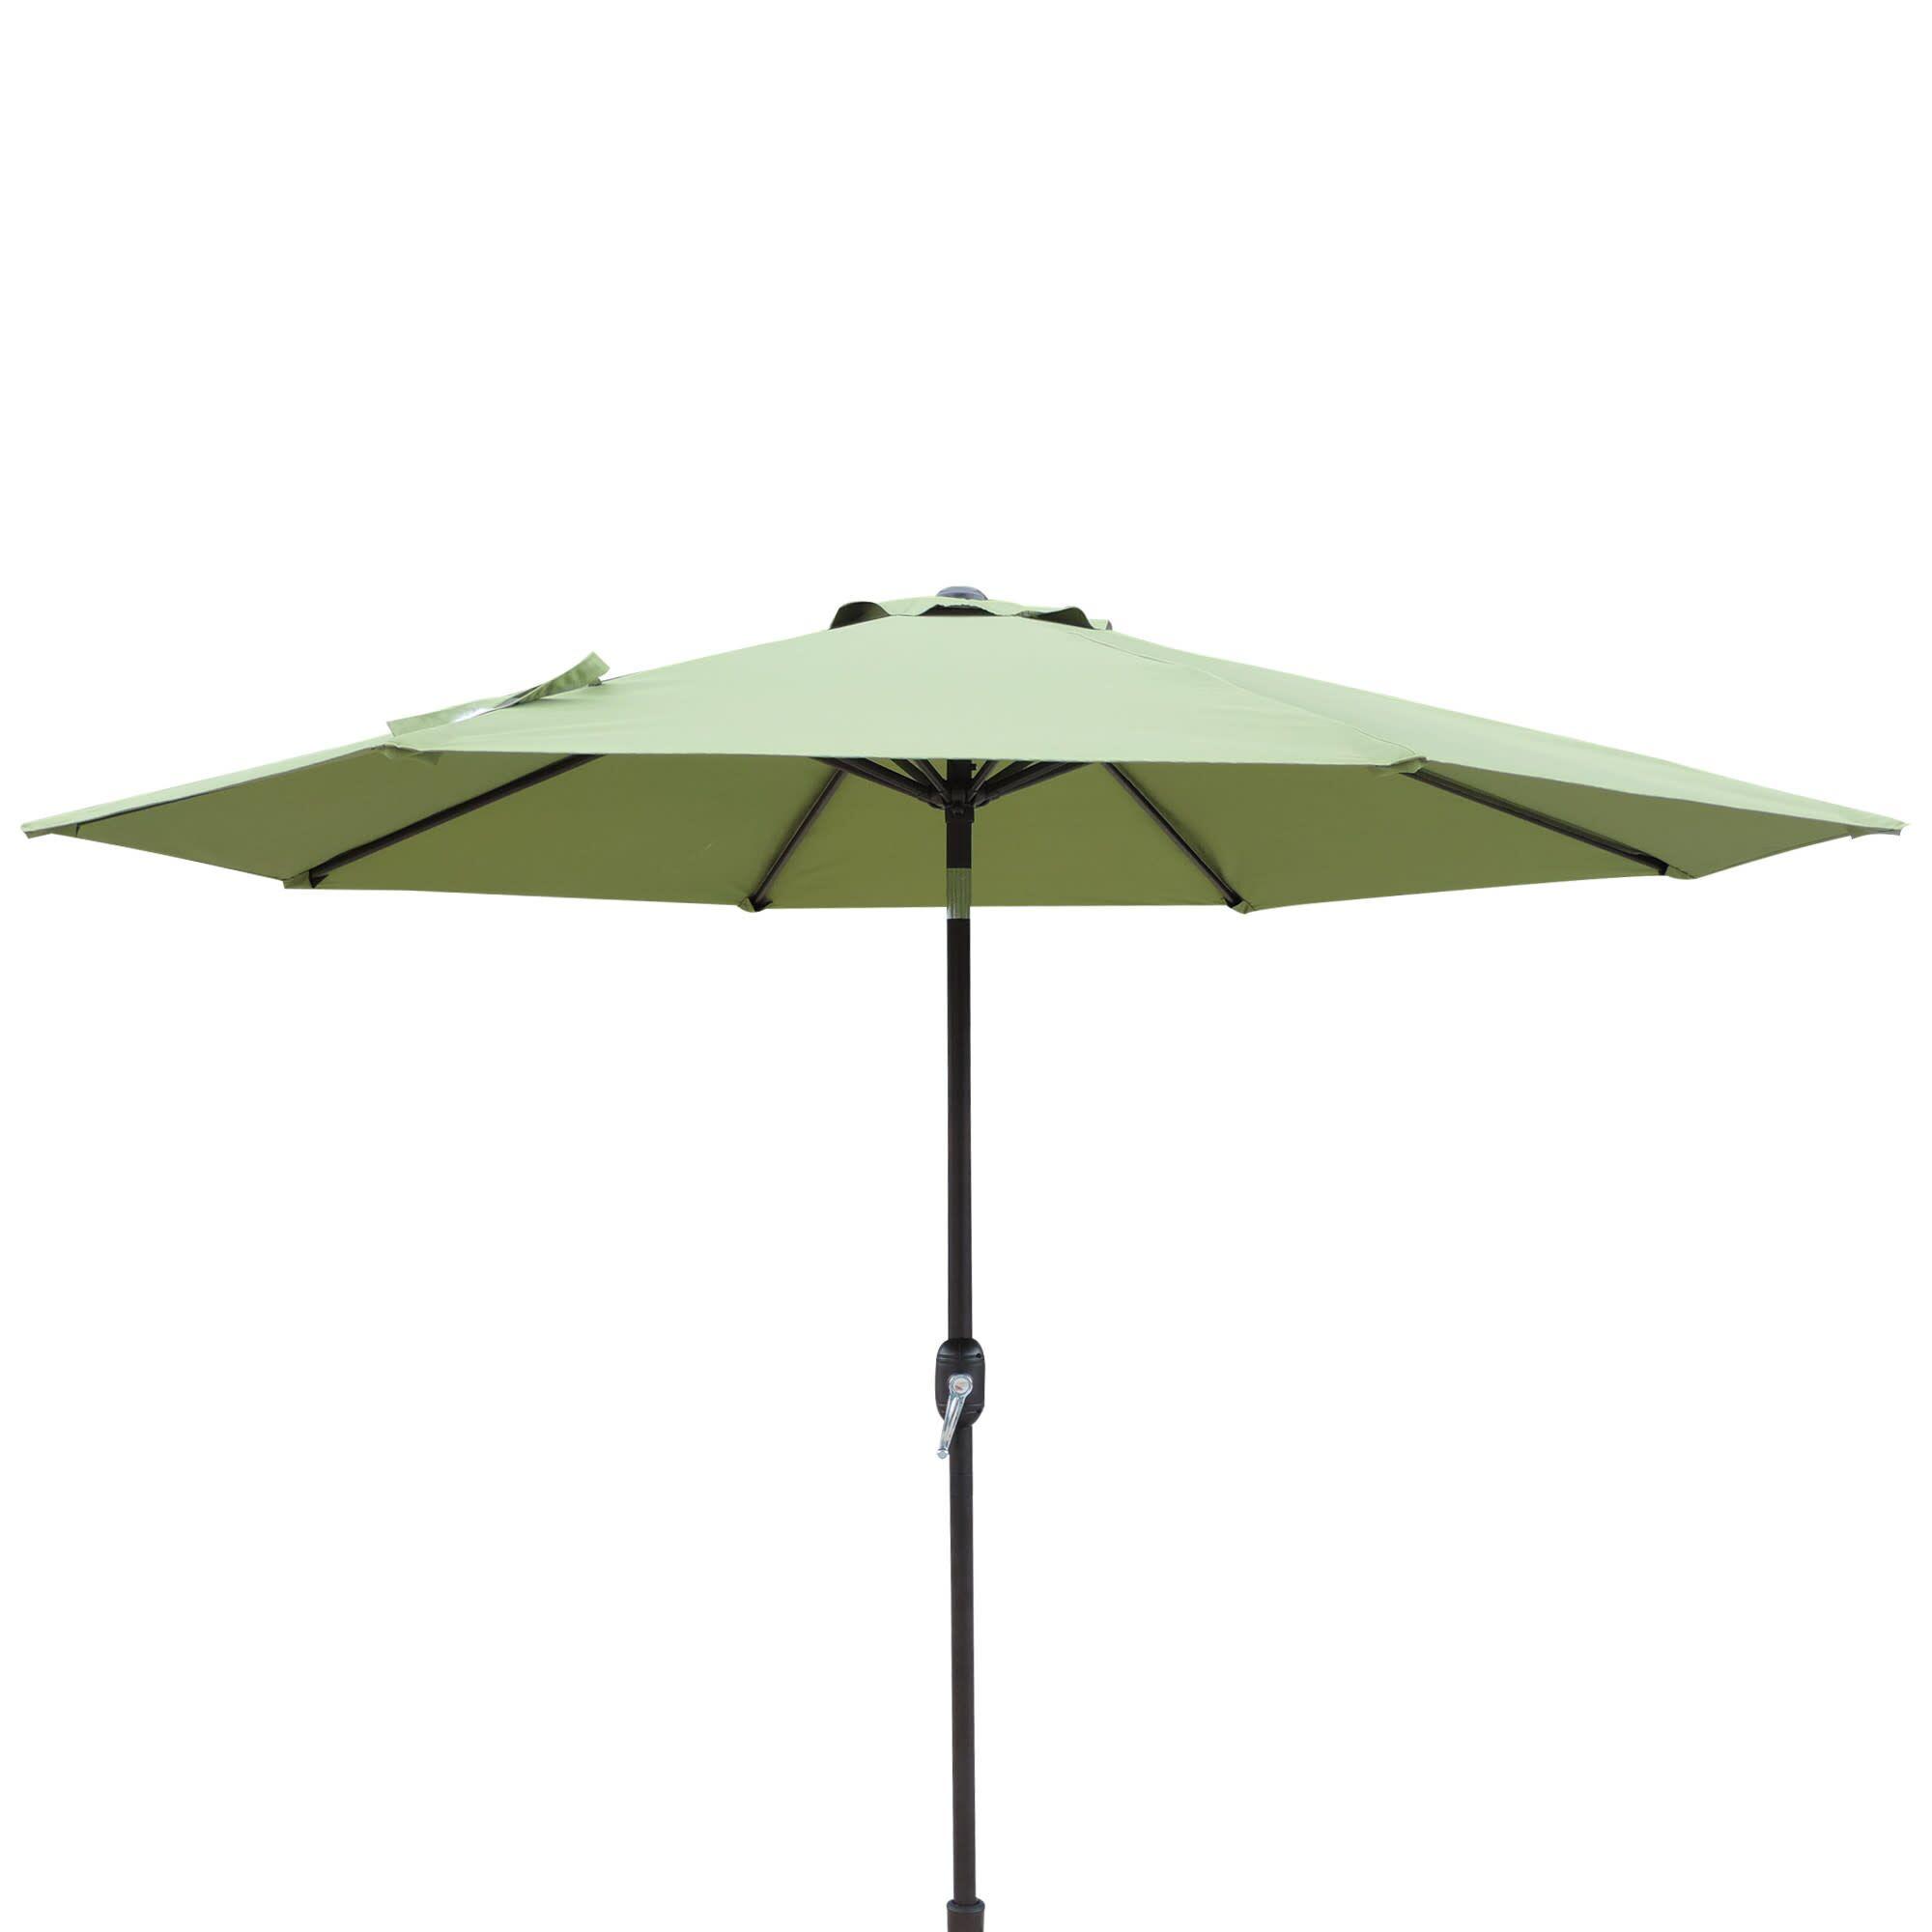 Trinidad 8.75' Market Umbrella Fabric Color: Cilantro Green